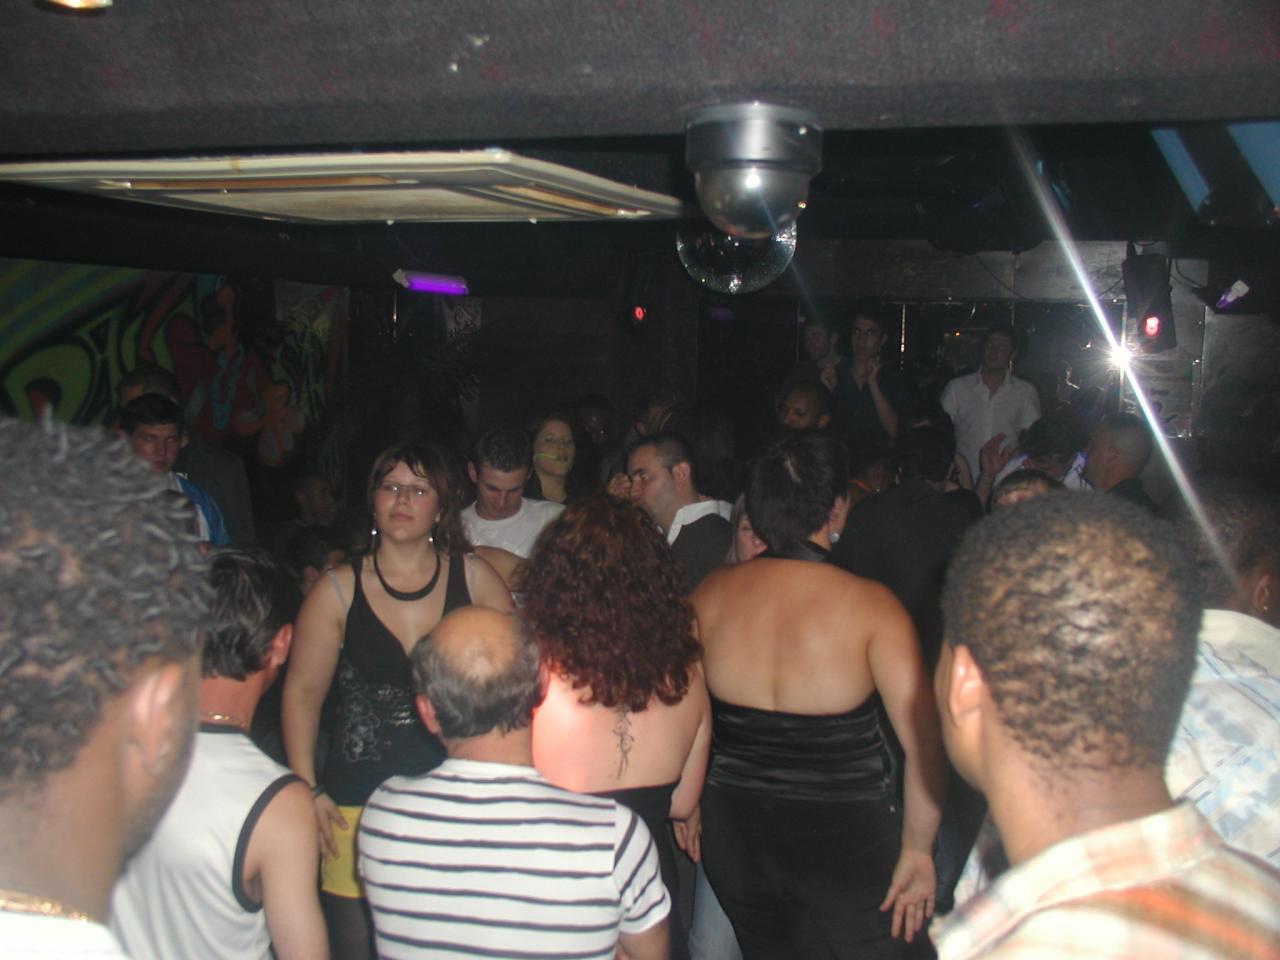 Samedi 10.05.2008 au Tropical